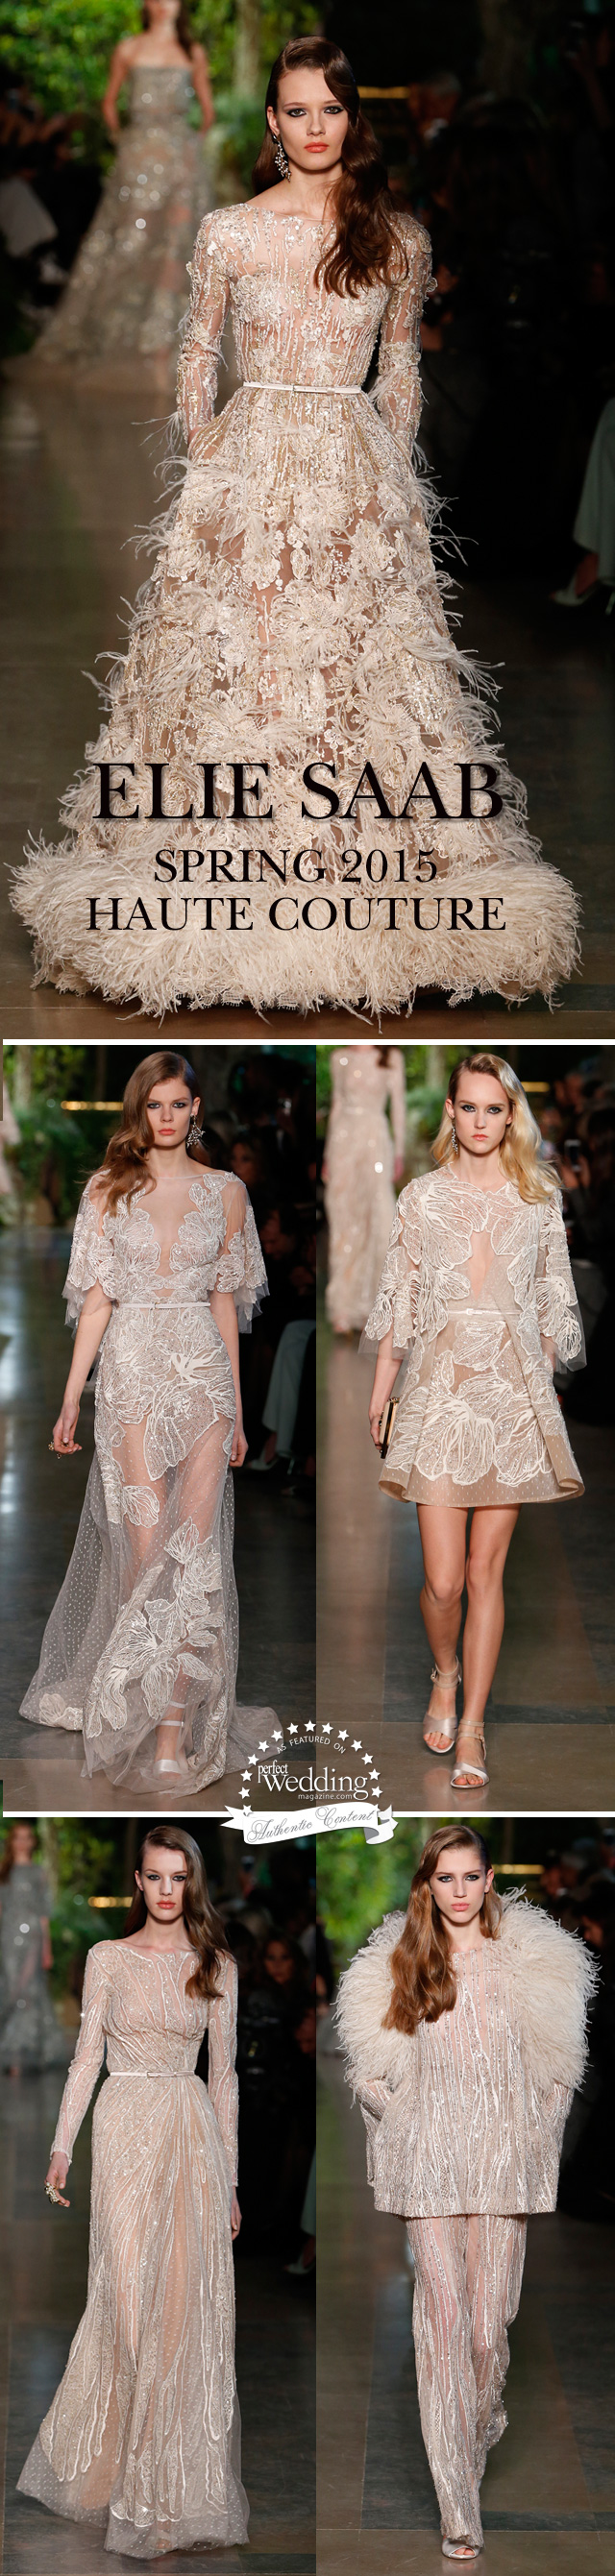 Elie Saab, Elie Saab Spring Haute Couture, Haute Couture, Wedding Gowns, White Wedding Gowns, Perfect Wedding Magazine, Fashion, Wedding gowns